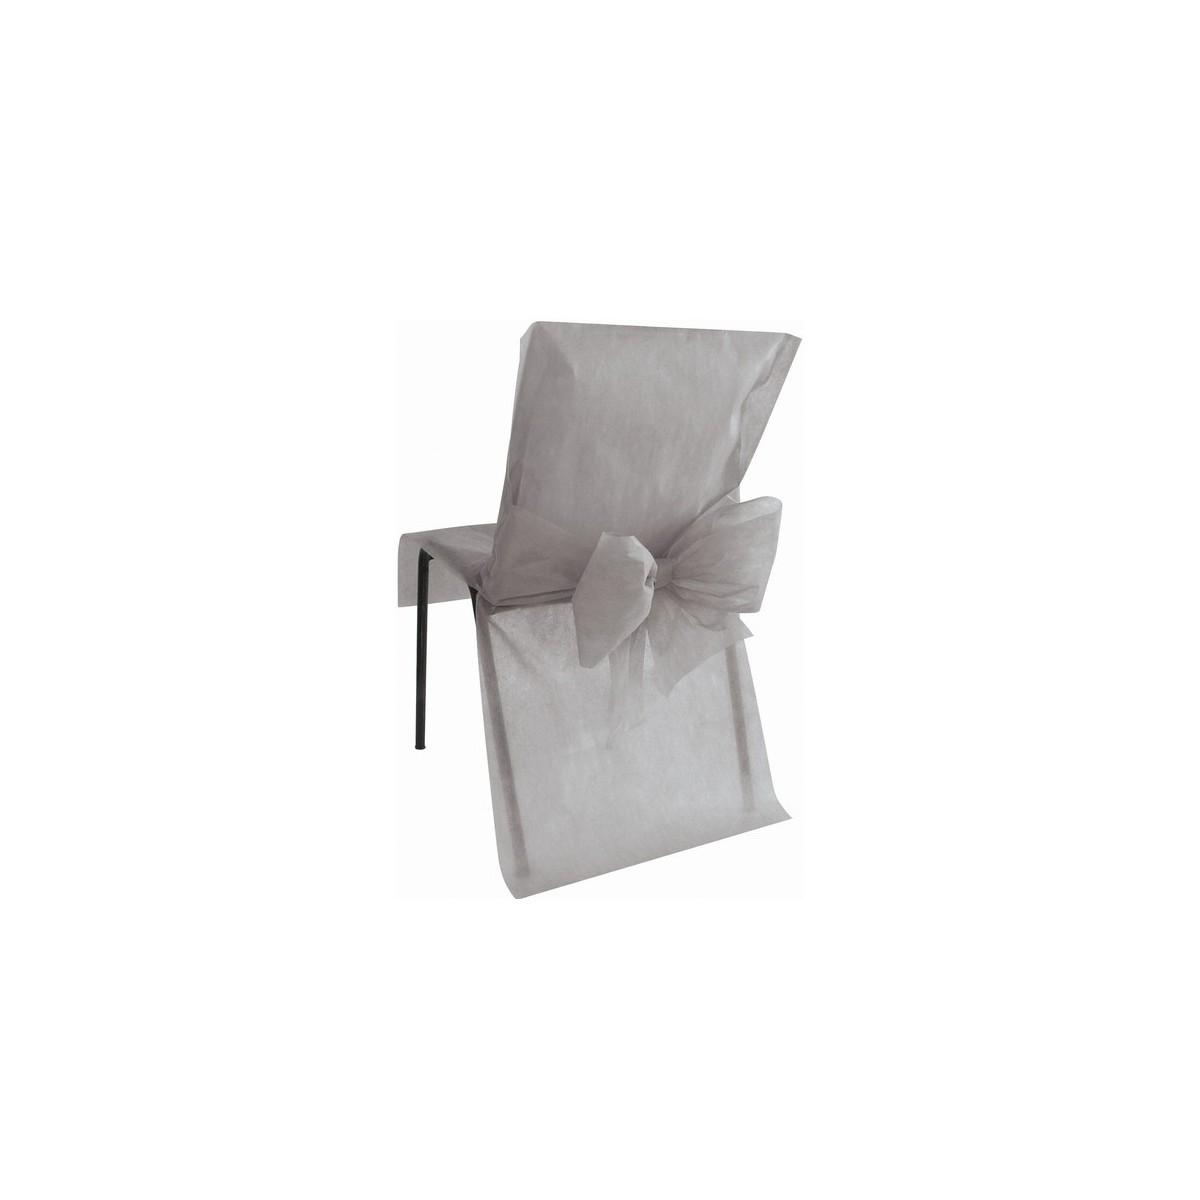 10 housses de chaise grises les p tites f es. Black Bedroom Furniture Sets. Home Design Ideas